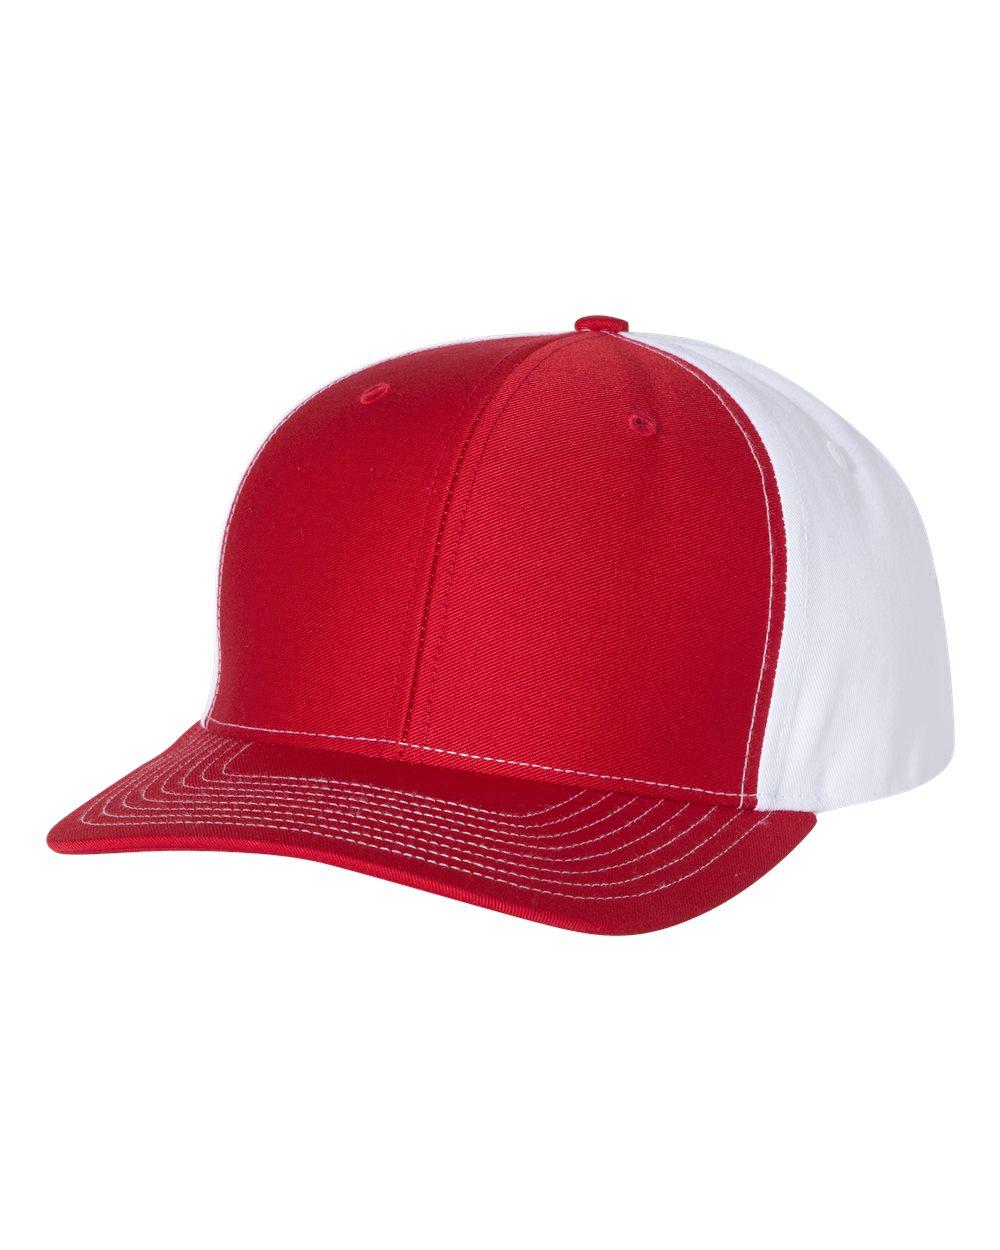 de65007105518 Richardson 312 - Twill Back Trucker Cap  4.50 - Headwear